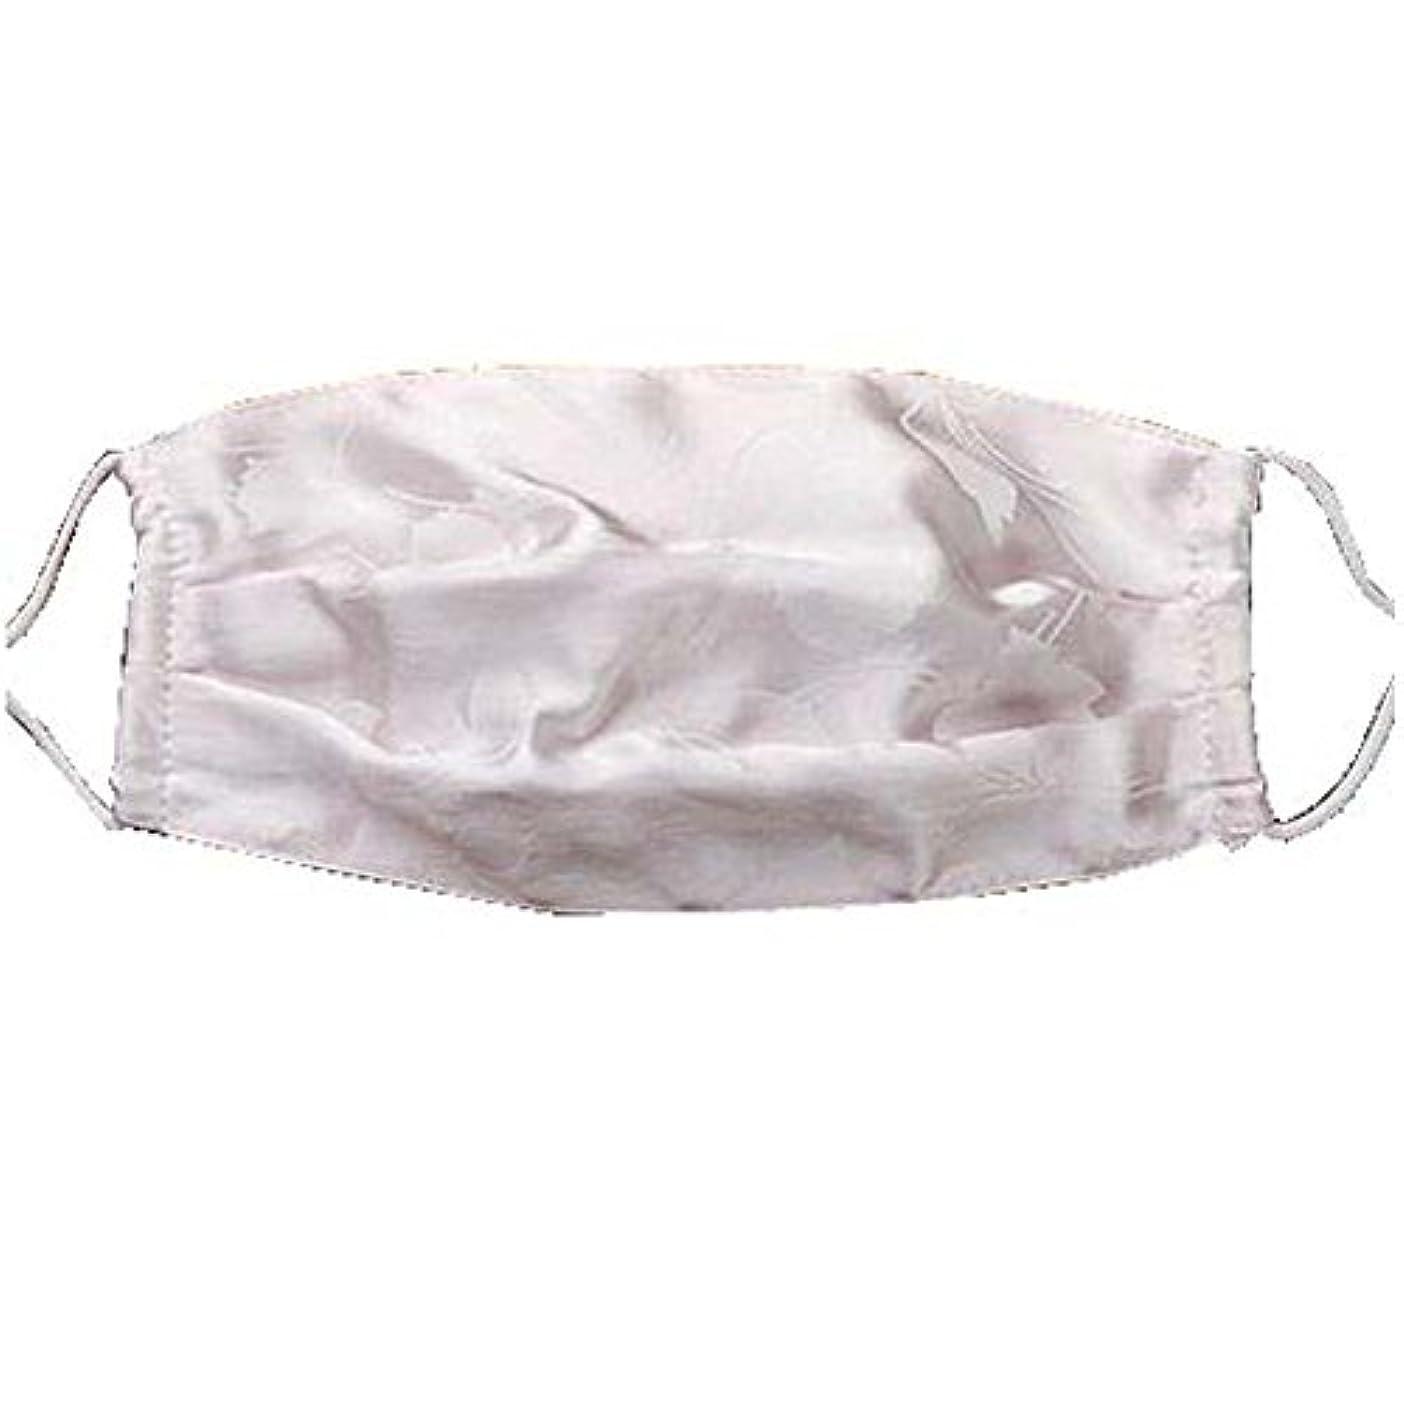 申請中クリップ直面する口腔マスクダストマスク抗汚染活性炭フィルターインサートシルクマスク